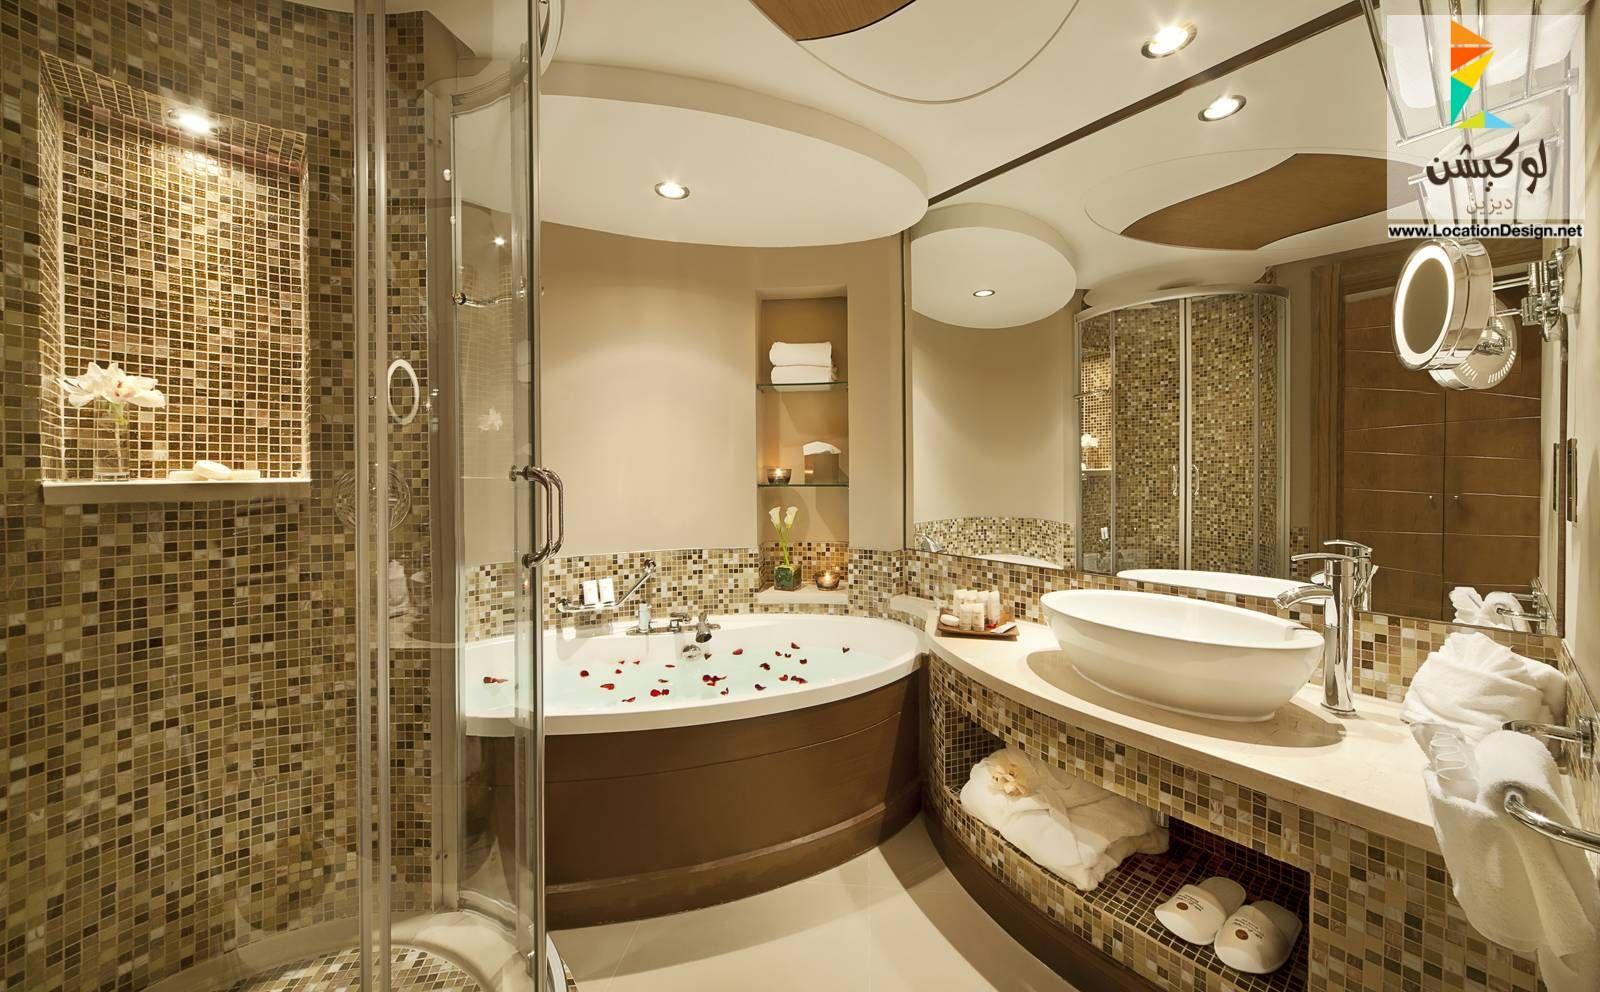 ديكورات حمامات فخمة جدا 2017 2018 لوكشين ديزين نت Bathroom Design Luxury Best Bathroom Designs Luxury Hotel Bathroom